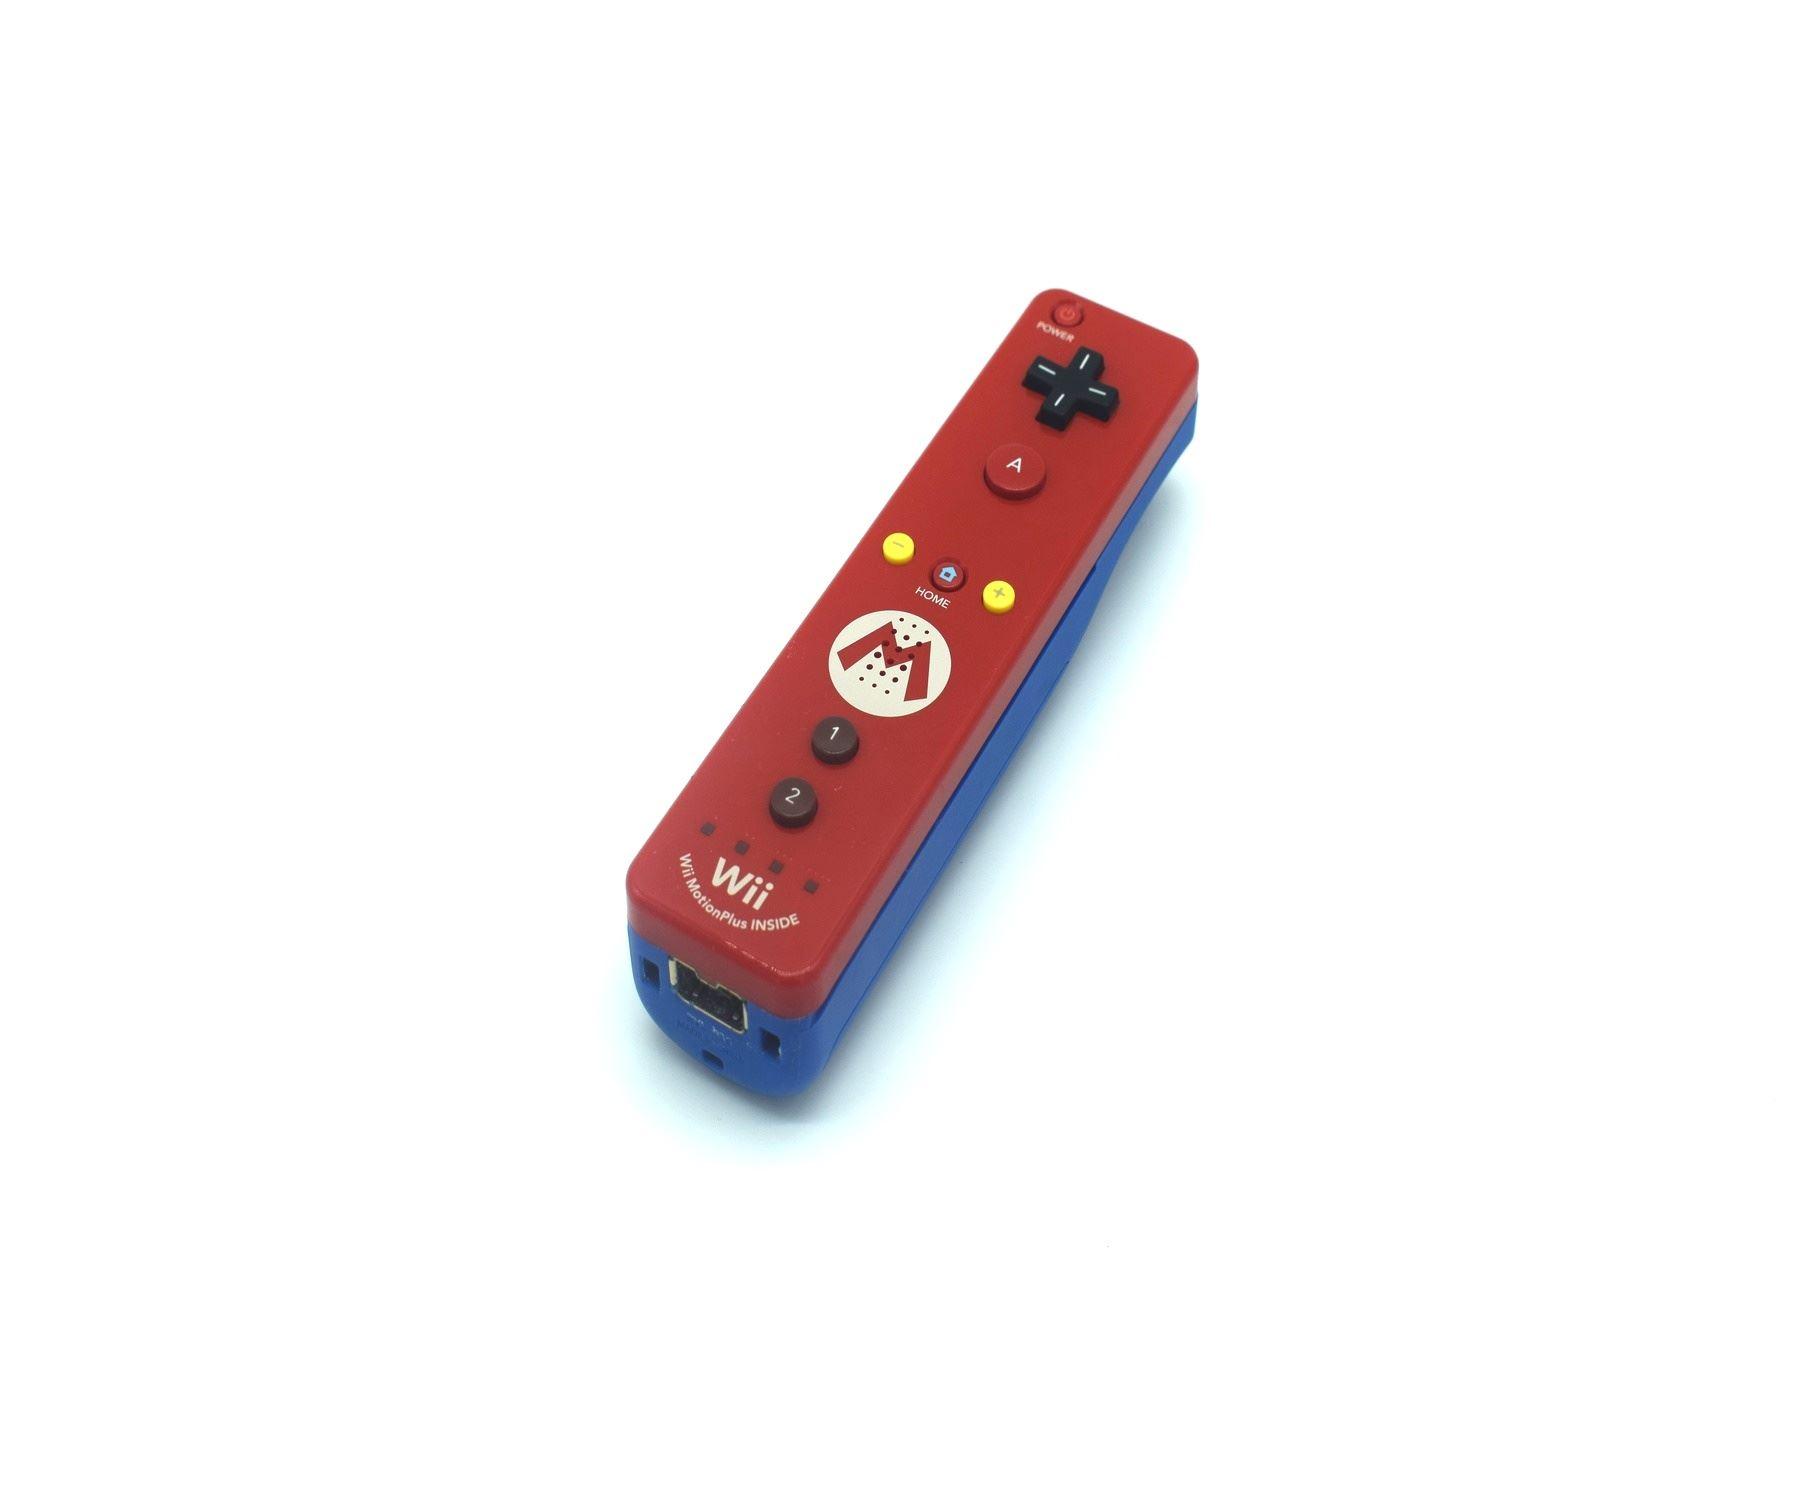 Official-Nintendo-Wii-amp-Remote-U-Plus-Genuine-Original-Controller miniatuur 11